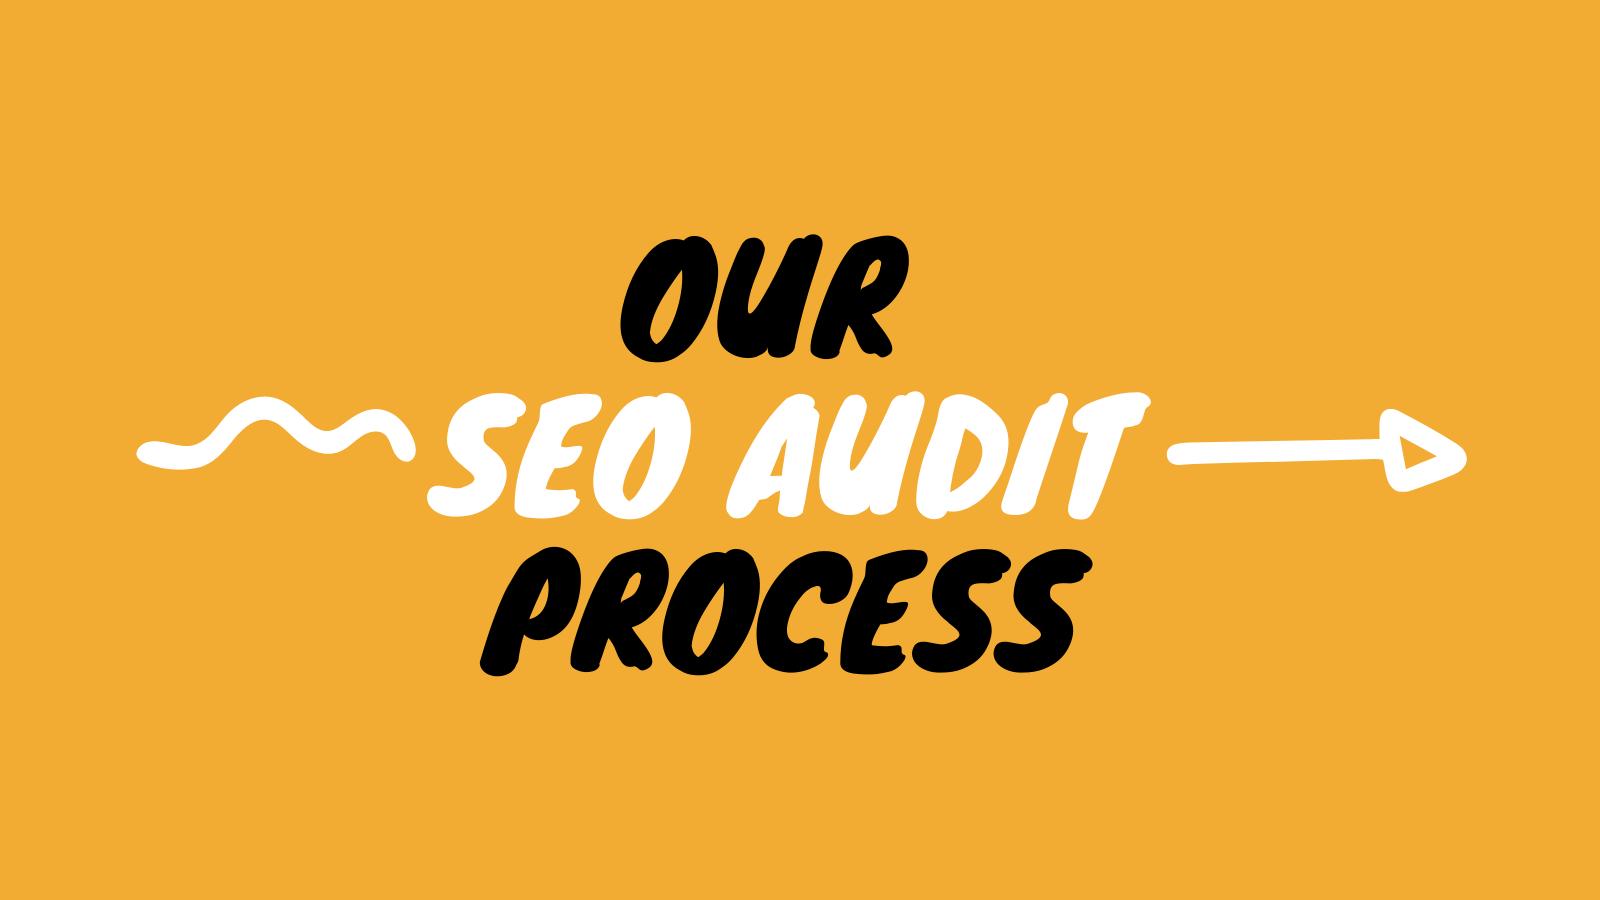 Our seo audit process